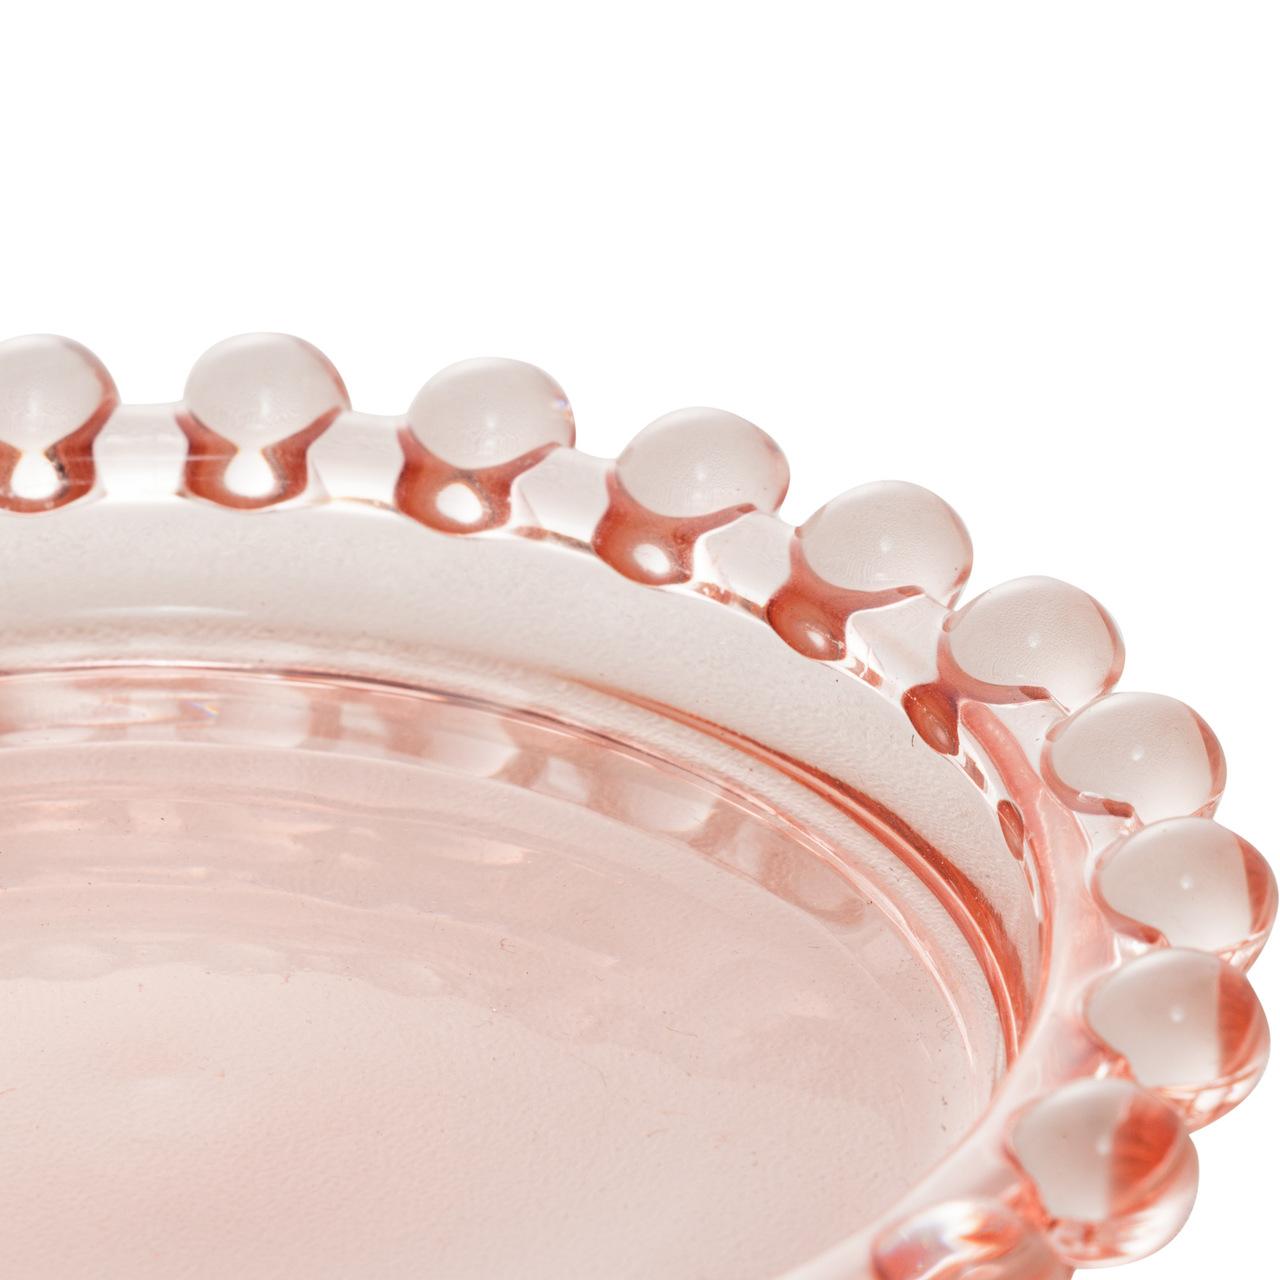 Jogo 4 pratos 10 cm para sobremesa de cristal rosa Pearl Wolff - 28444